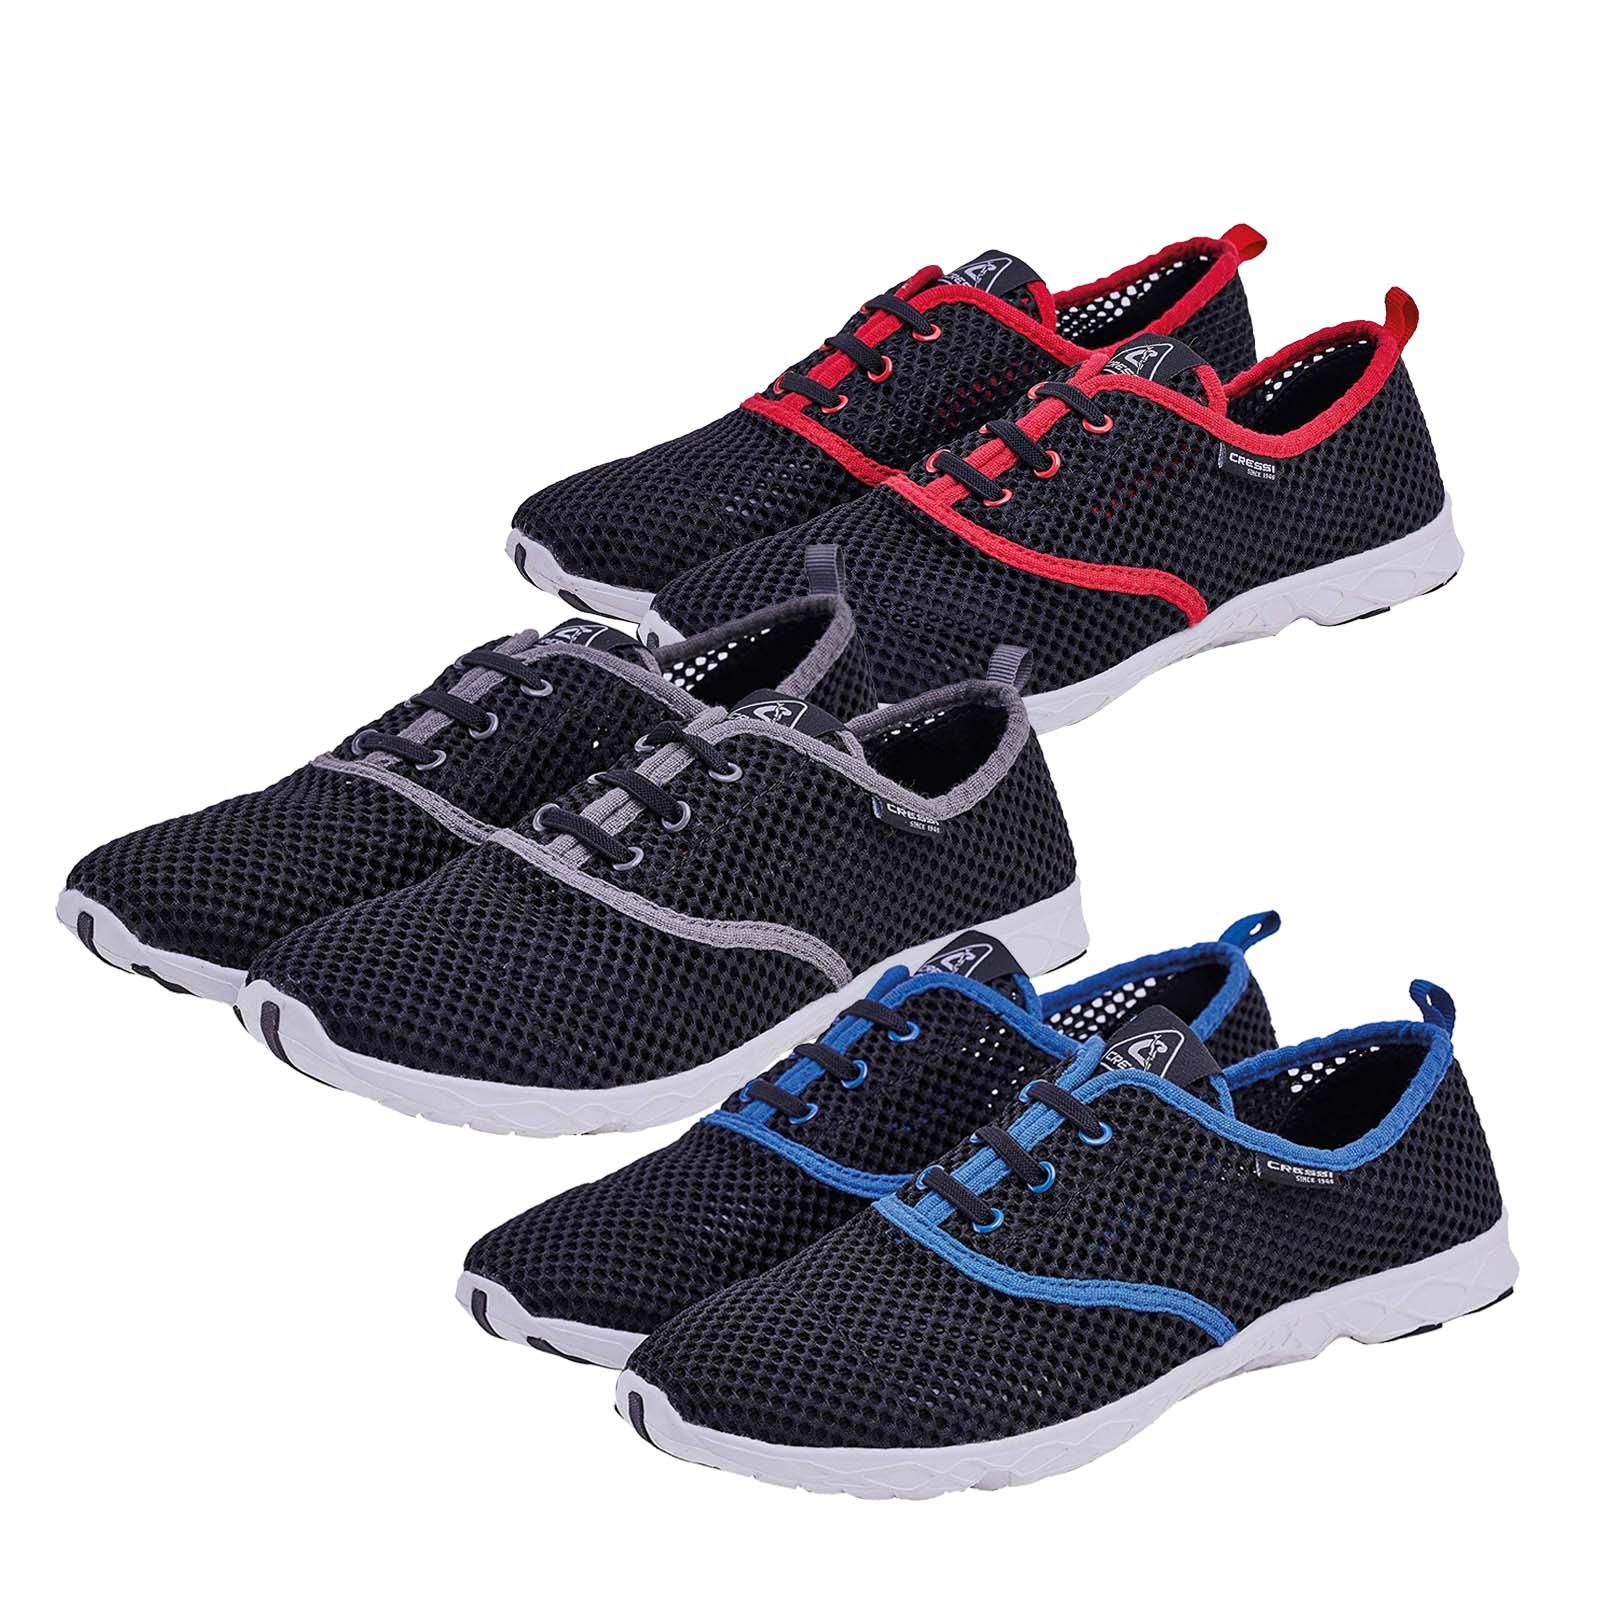 brand new a159d 68222 Cressi Aqua Shoes - Wassersportschuhe, Badeschuhe und Strandschuhe |  action-sport-24.de - Dein Onlineshop für Sportartikel, Tauchen,  Schnorcheln, Ski ...